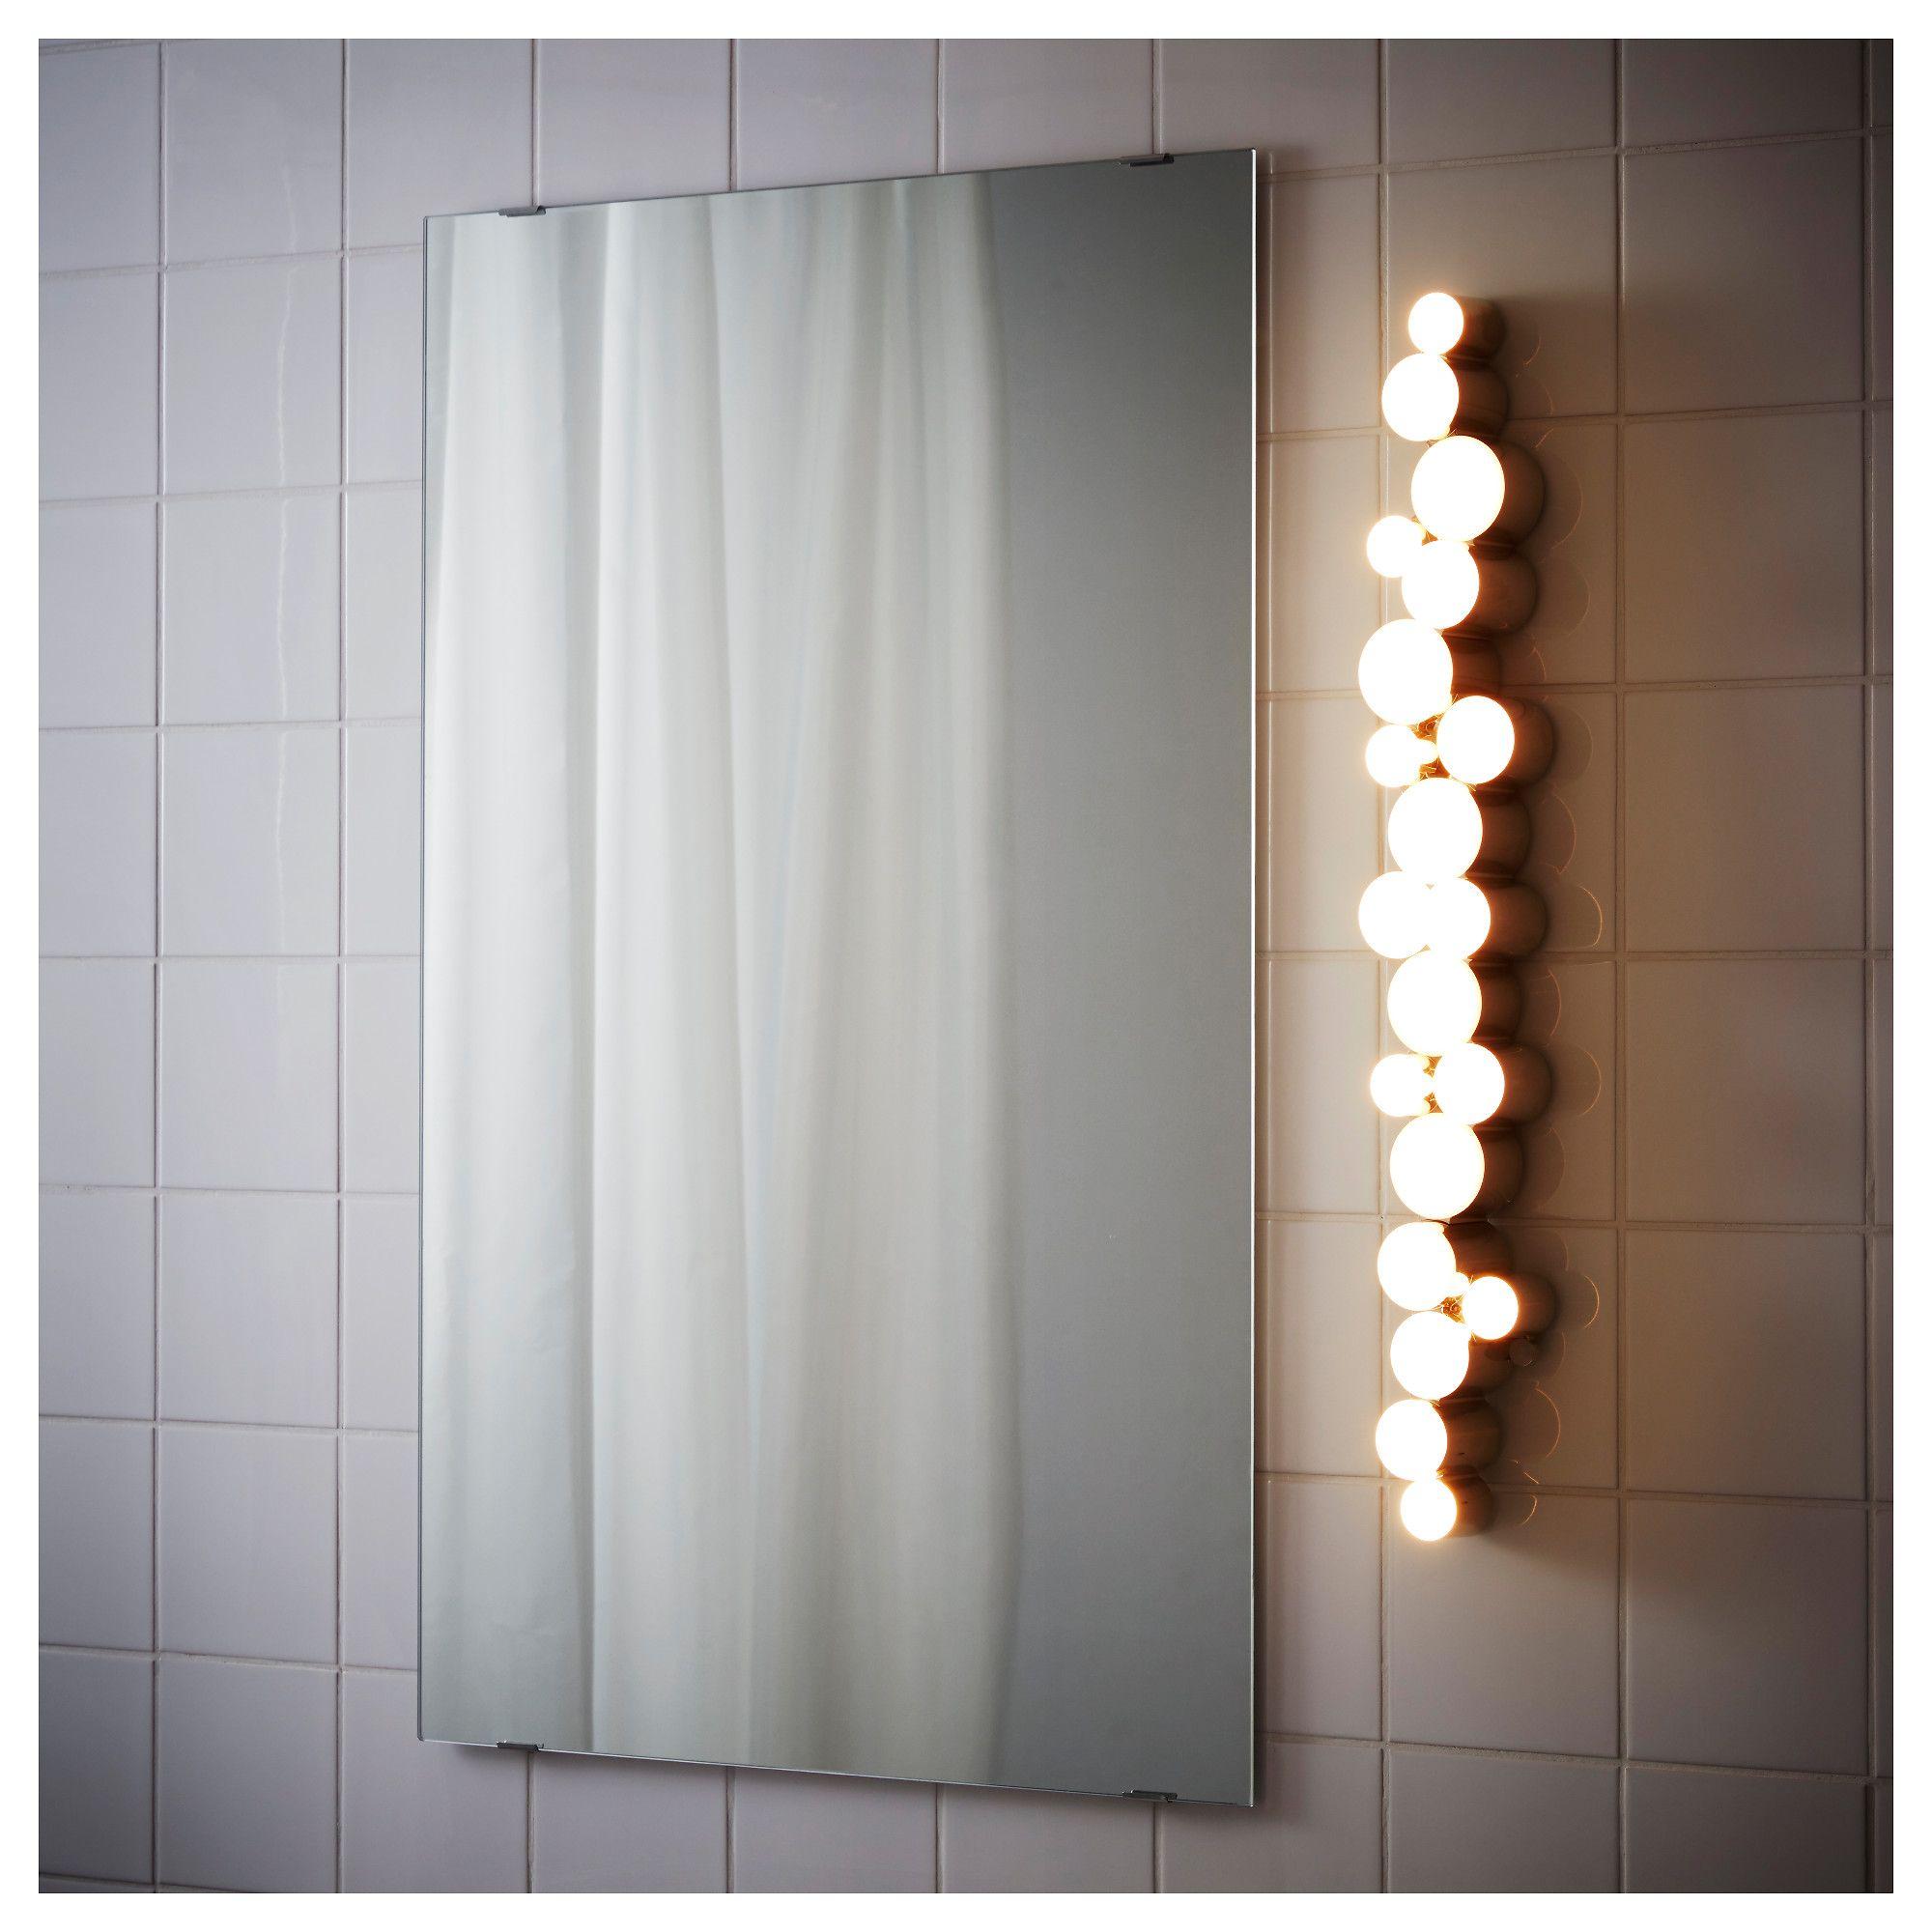 SÖDERSVIK LED wall lamp | Walls, Big girl rooms and Lights